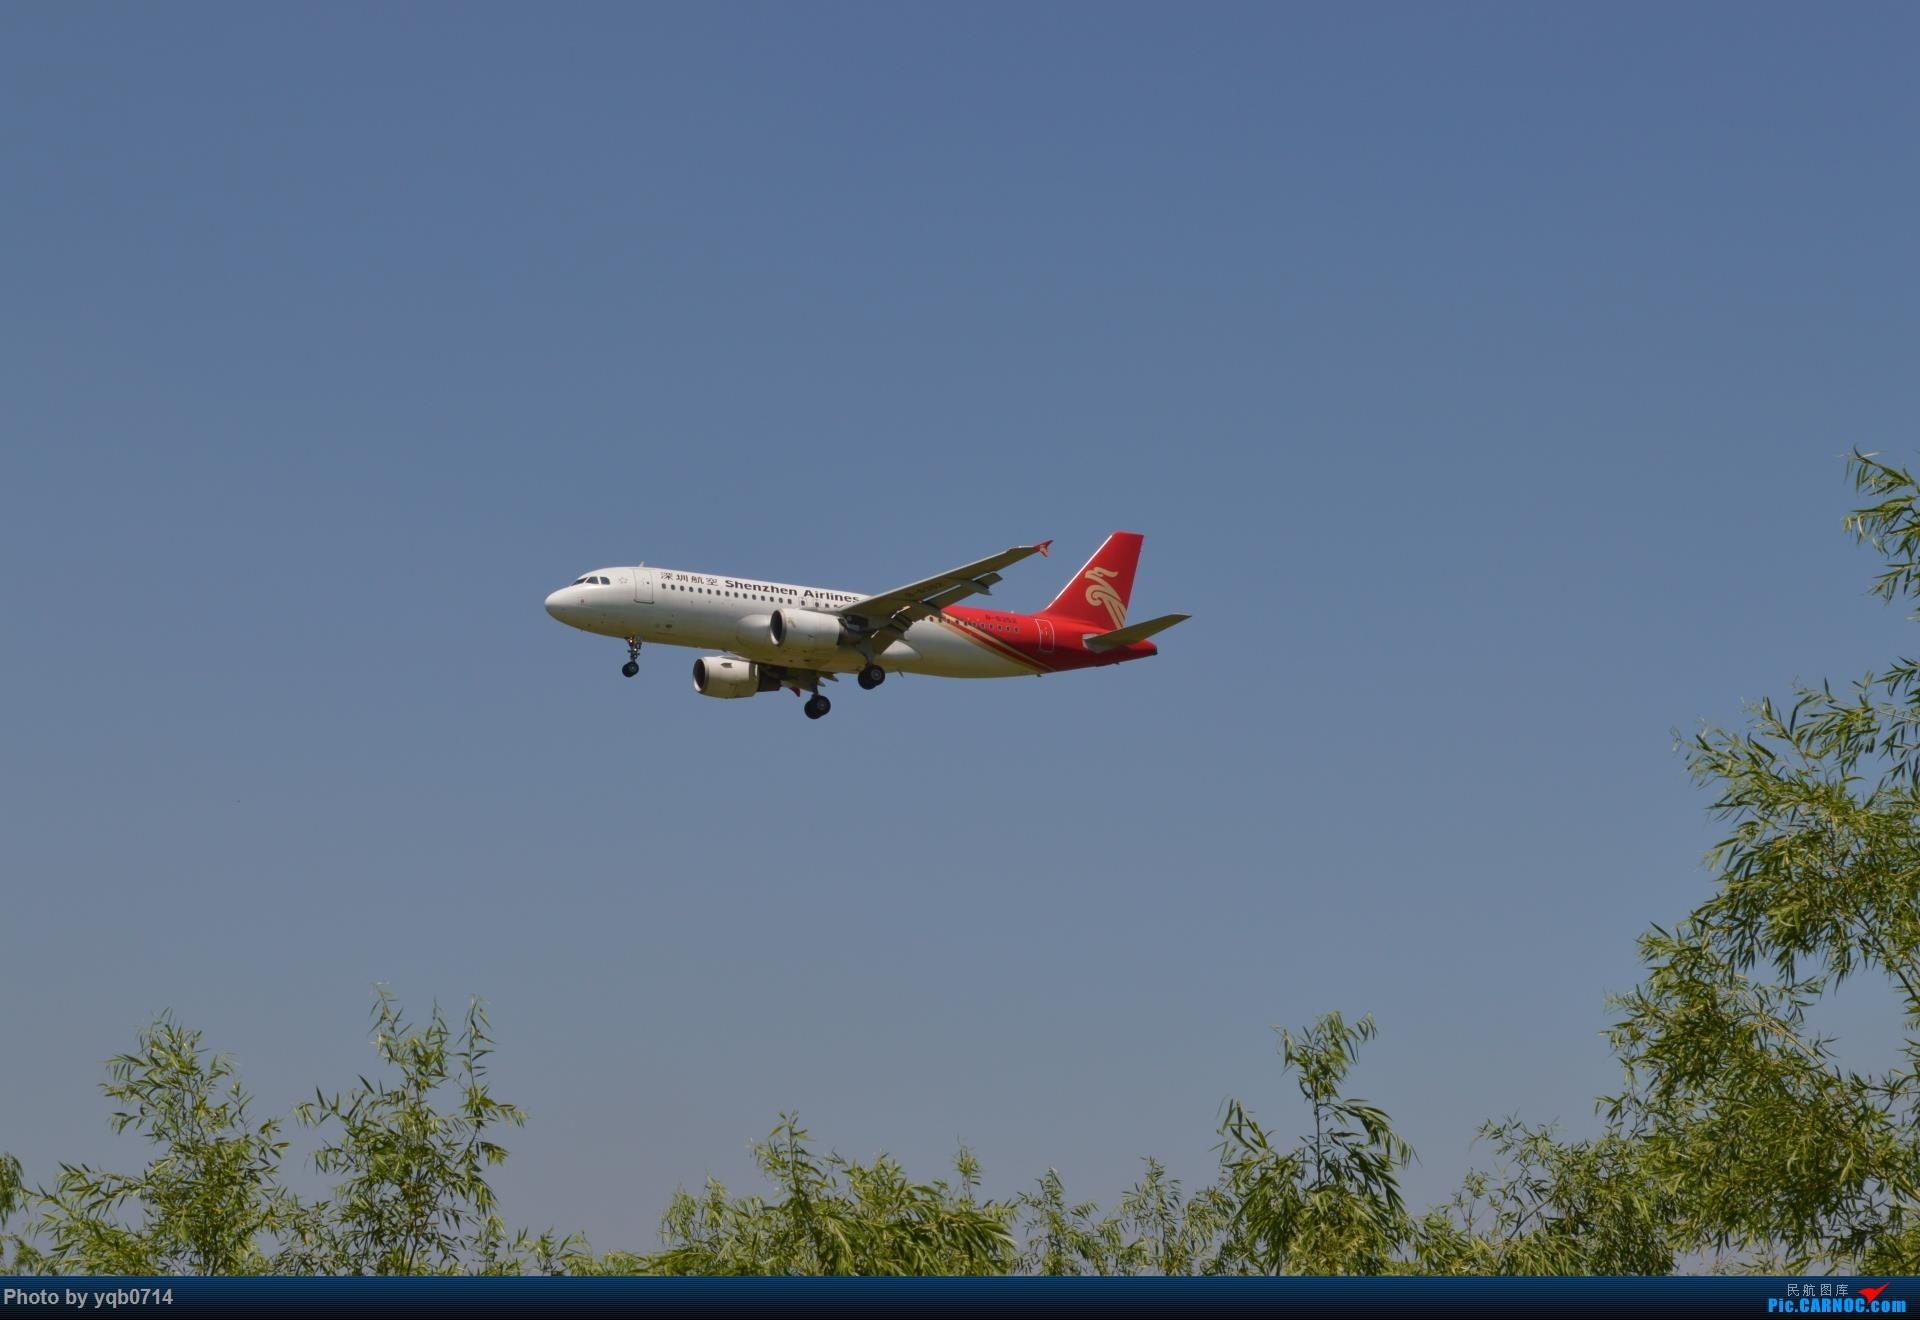 Re:[原创]出来炸道,喜欢星空联盟的小反!!!! AIRBUS A320-200 B-6352